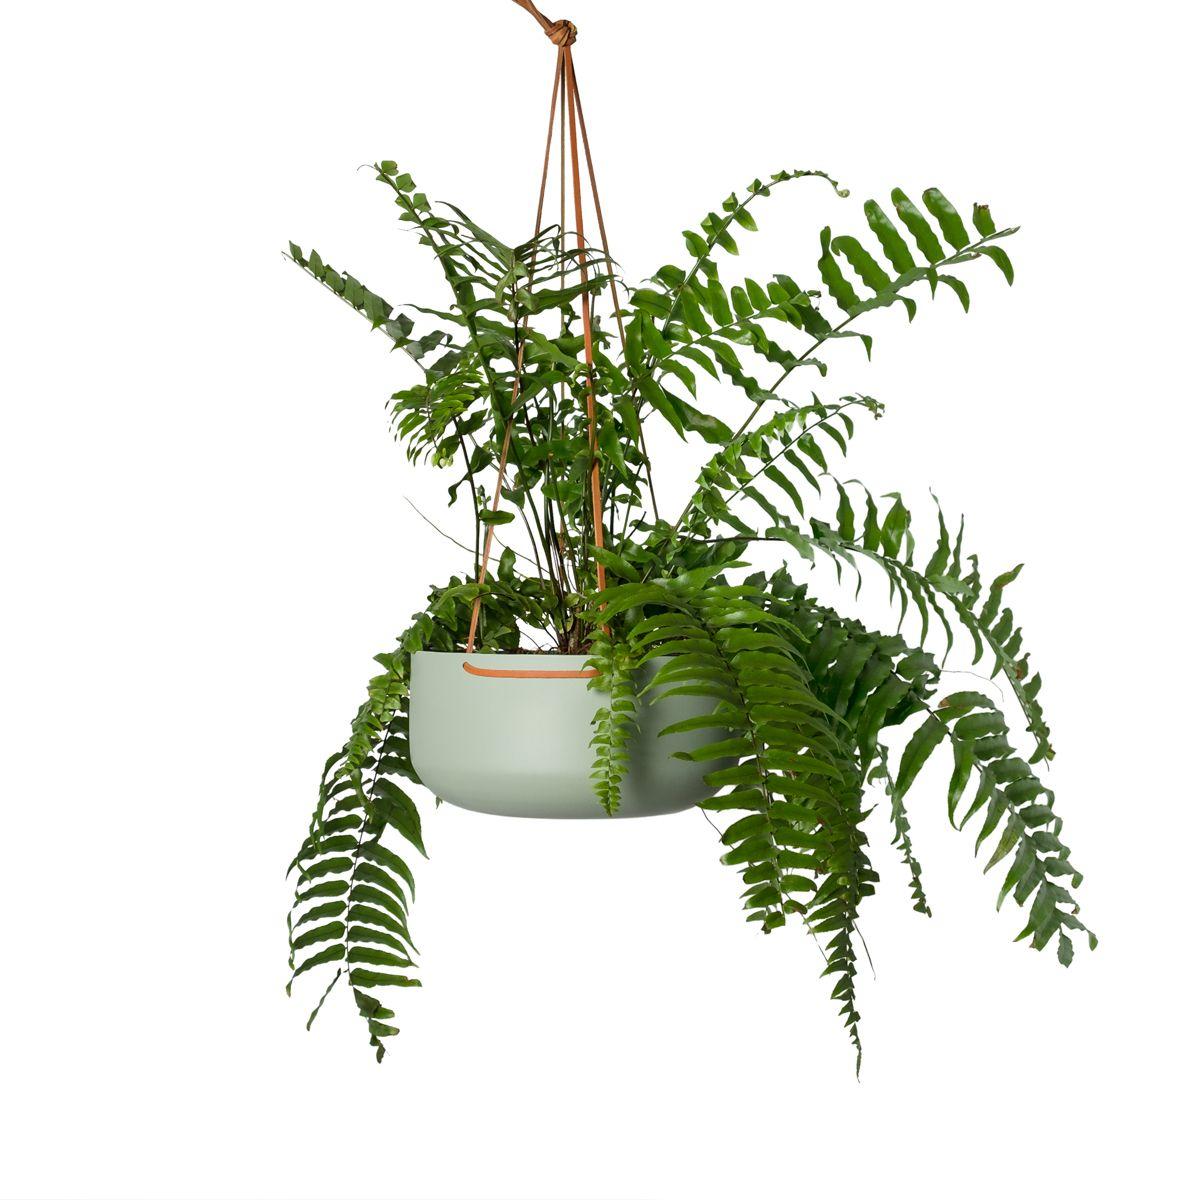 Hanging Planter Large Sage In 2019 Gardening Indoor Plants Large Planters Hanging Planters Planters